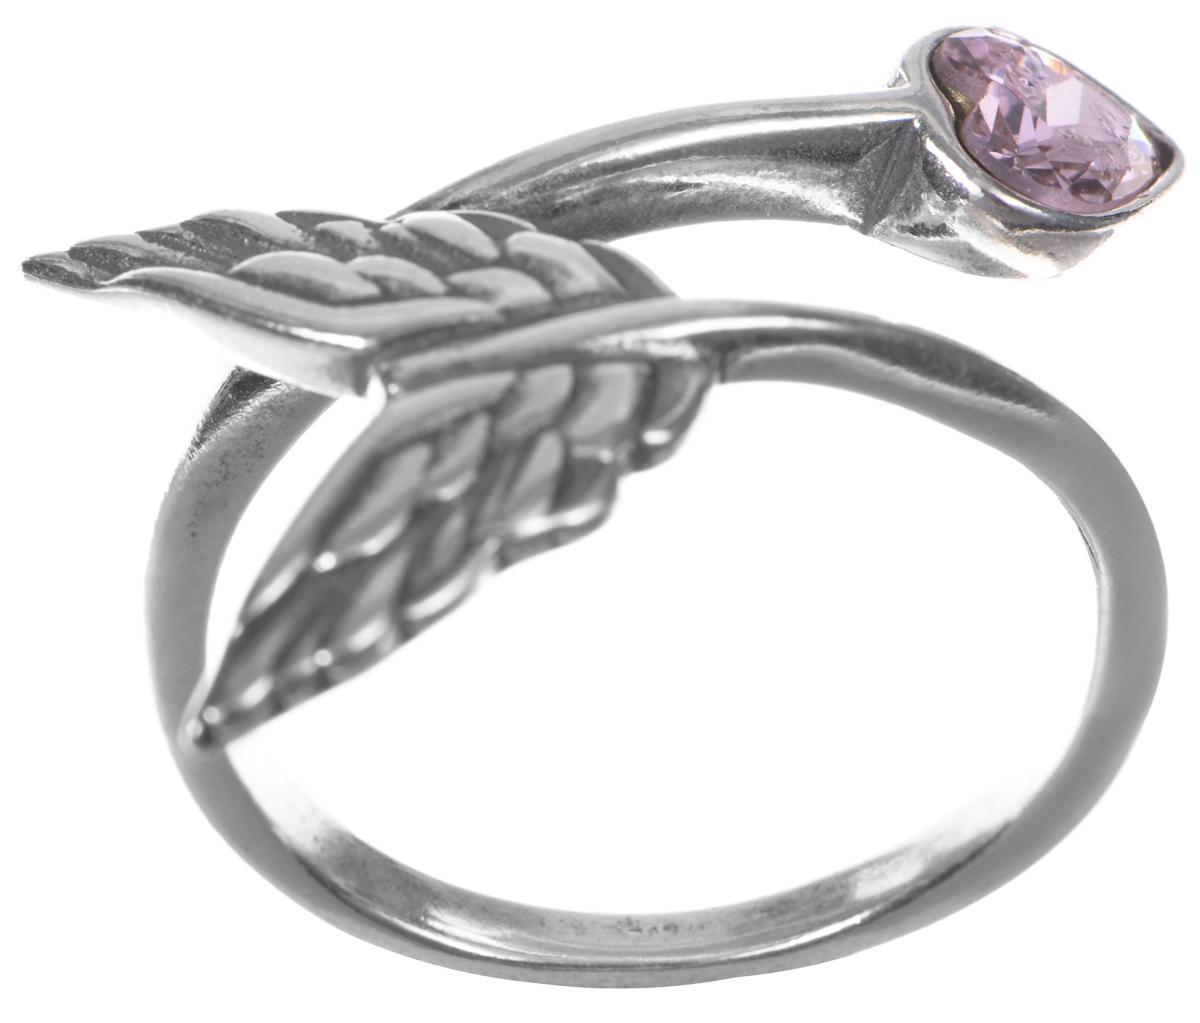 Кольцо Jenavi Яратау, цвет: серебряный, розовый. e7553010e7553010Кольцо современного дизайна Jenavi Яратау выполнено в виде стрелы купидона, изготовлено из гипоаллергенного ювелирного сплава с покрытием из серебра с чернением. Декоративный элемент выполнен в виде сердца и оформлен кристаллом Swarovski. Оригинальная конструкция кольца делает его размер универсальным. Стильное кольцо придаст вашему образу изюминку и подчеркнет индивидуальность.